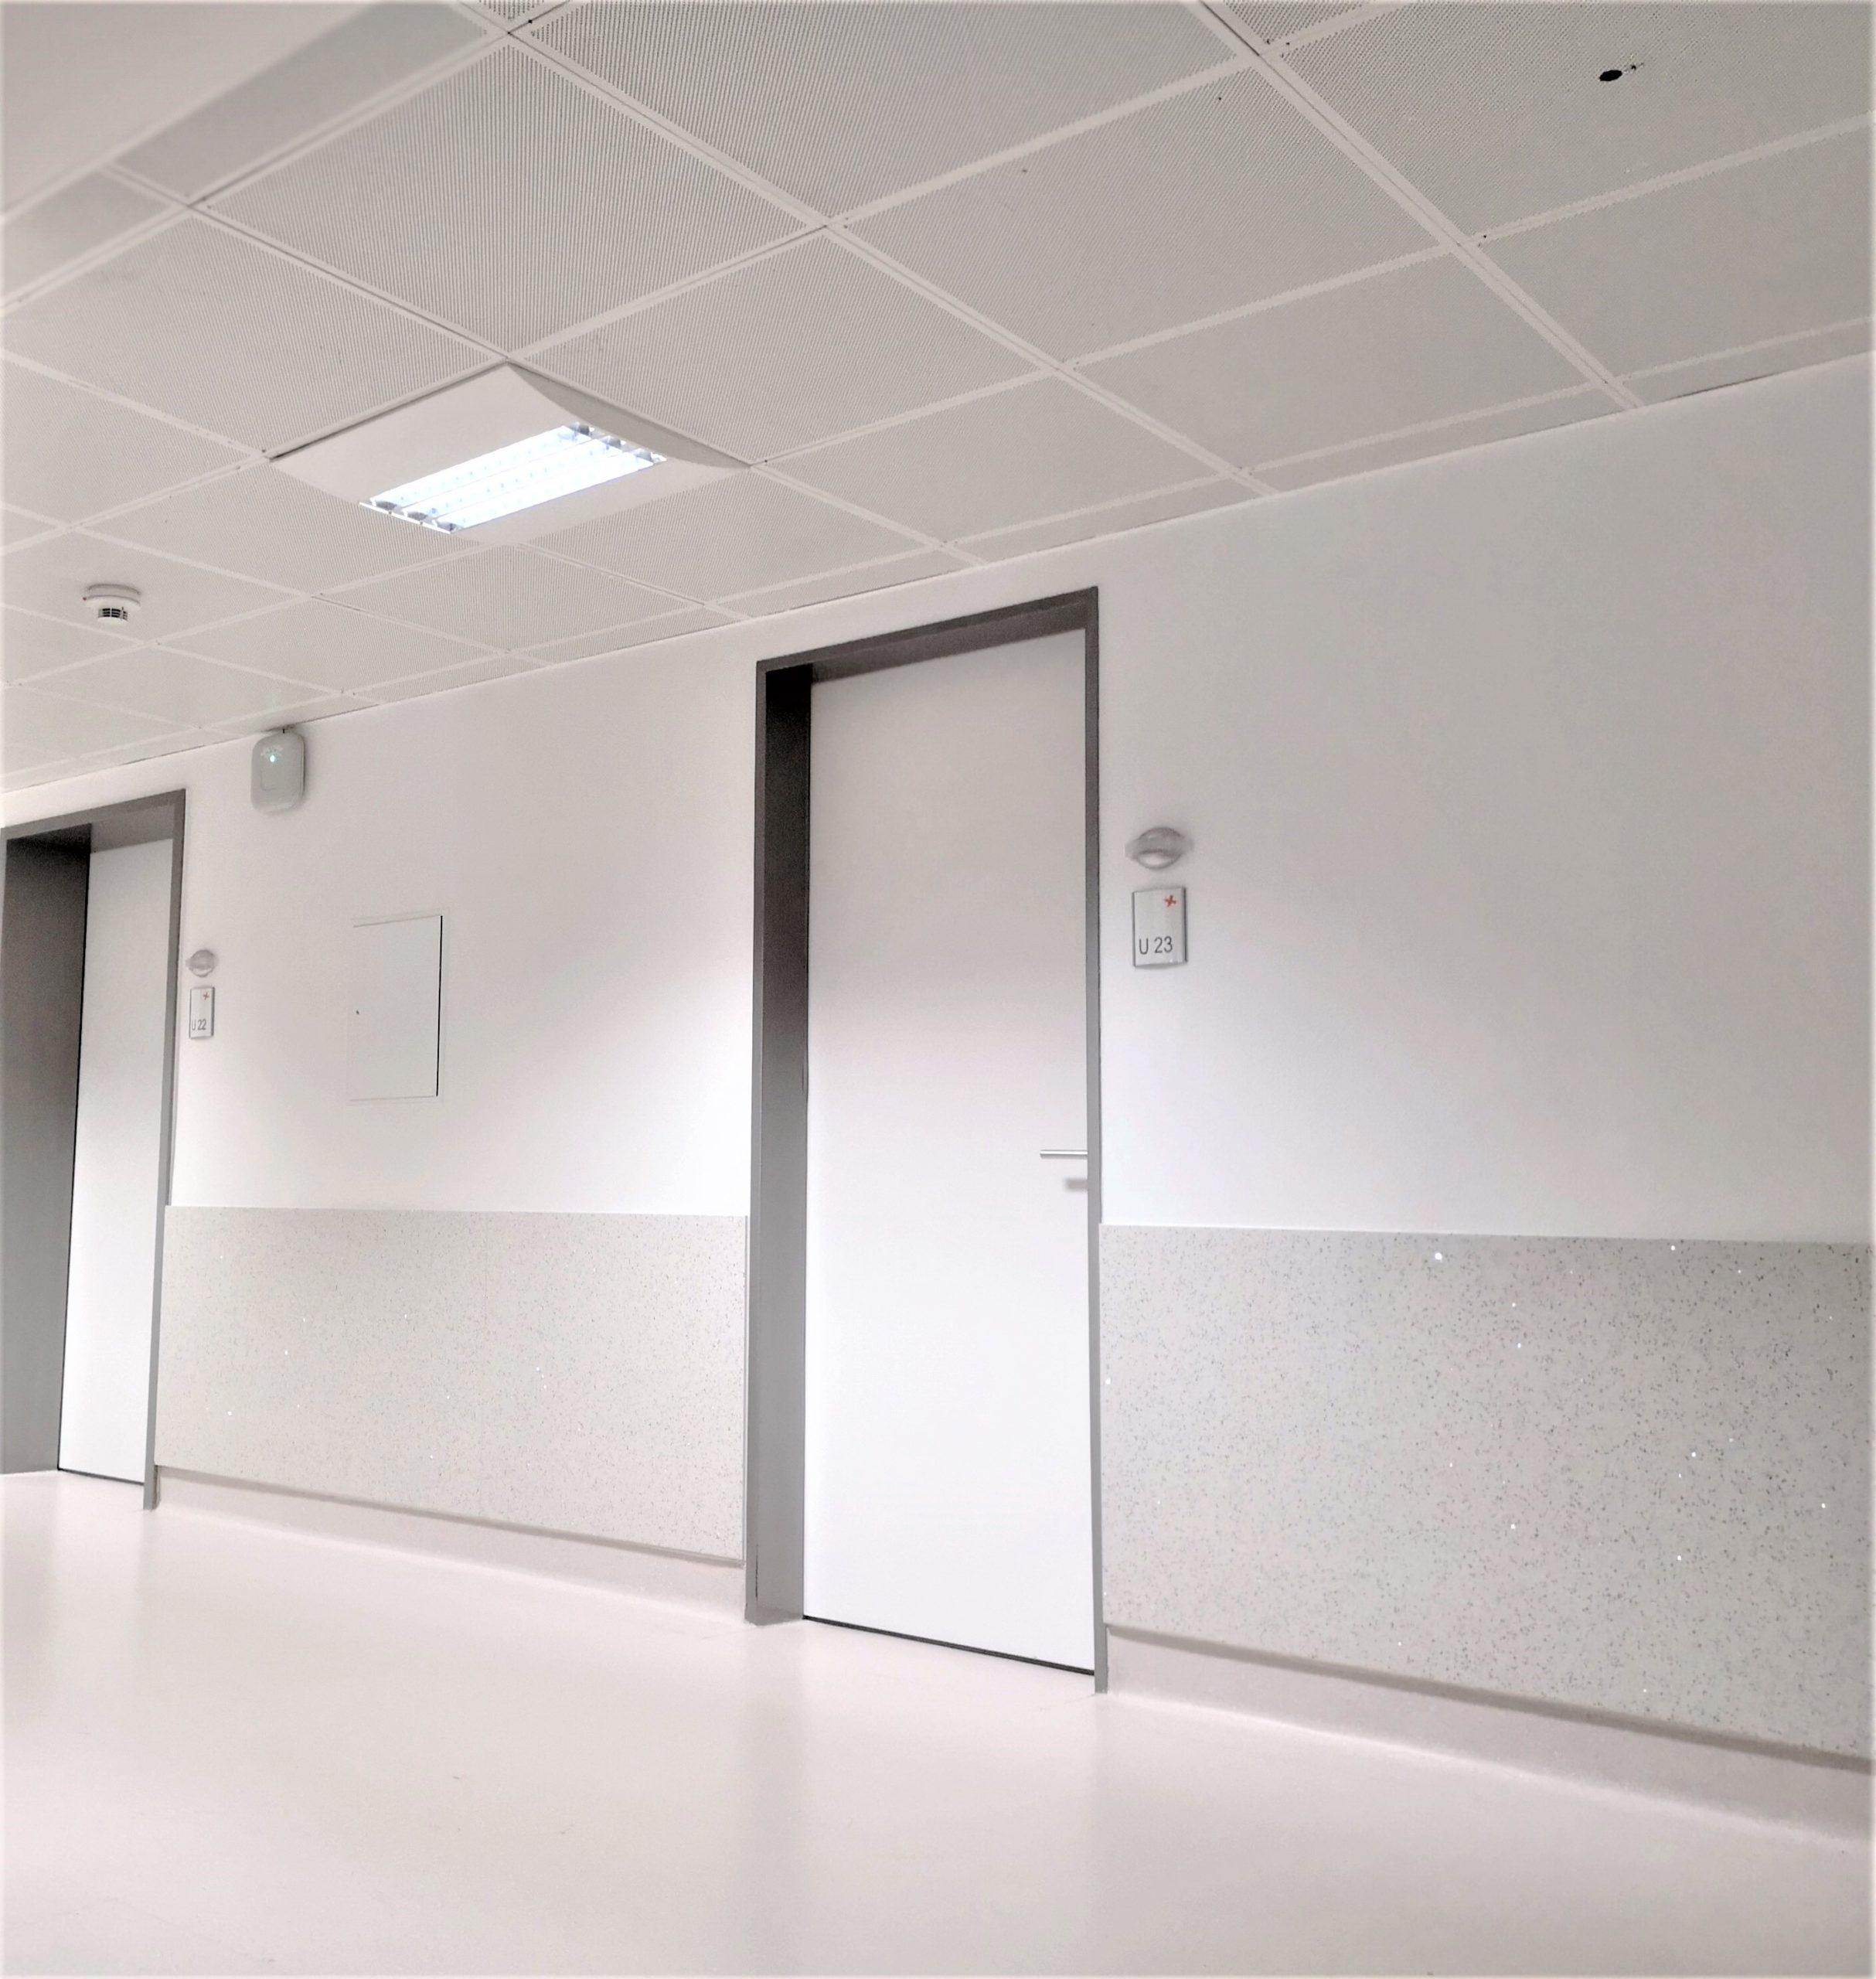 Wandschutz für Rehazentren, Pflegeeinrichtungen, Senioren- und Altenheime, Krankenhäuser und Kliniken, robuste und hygienische Wandverkleidungen und Rammschutz für Einsatzgebiete in Fluren, Korridoren, Gänge